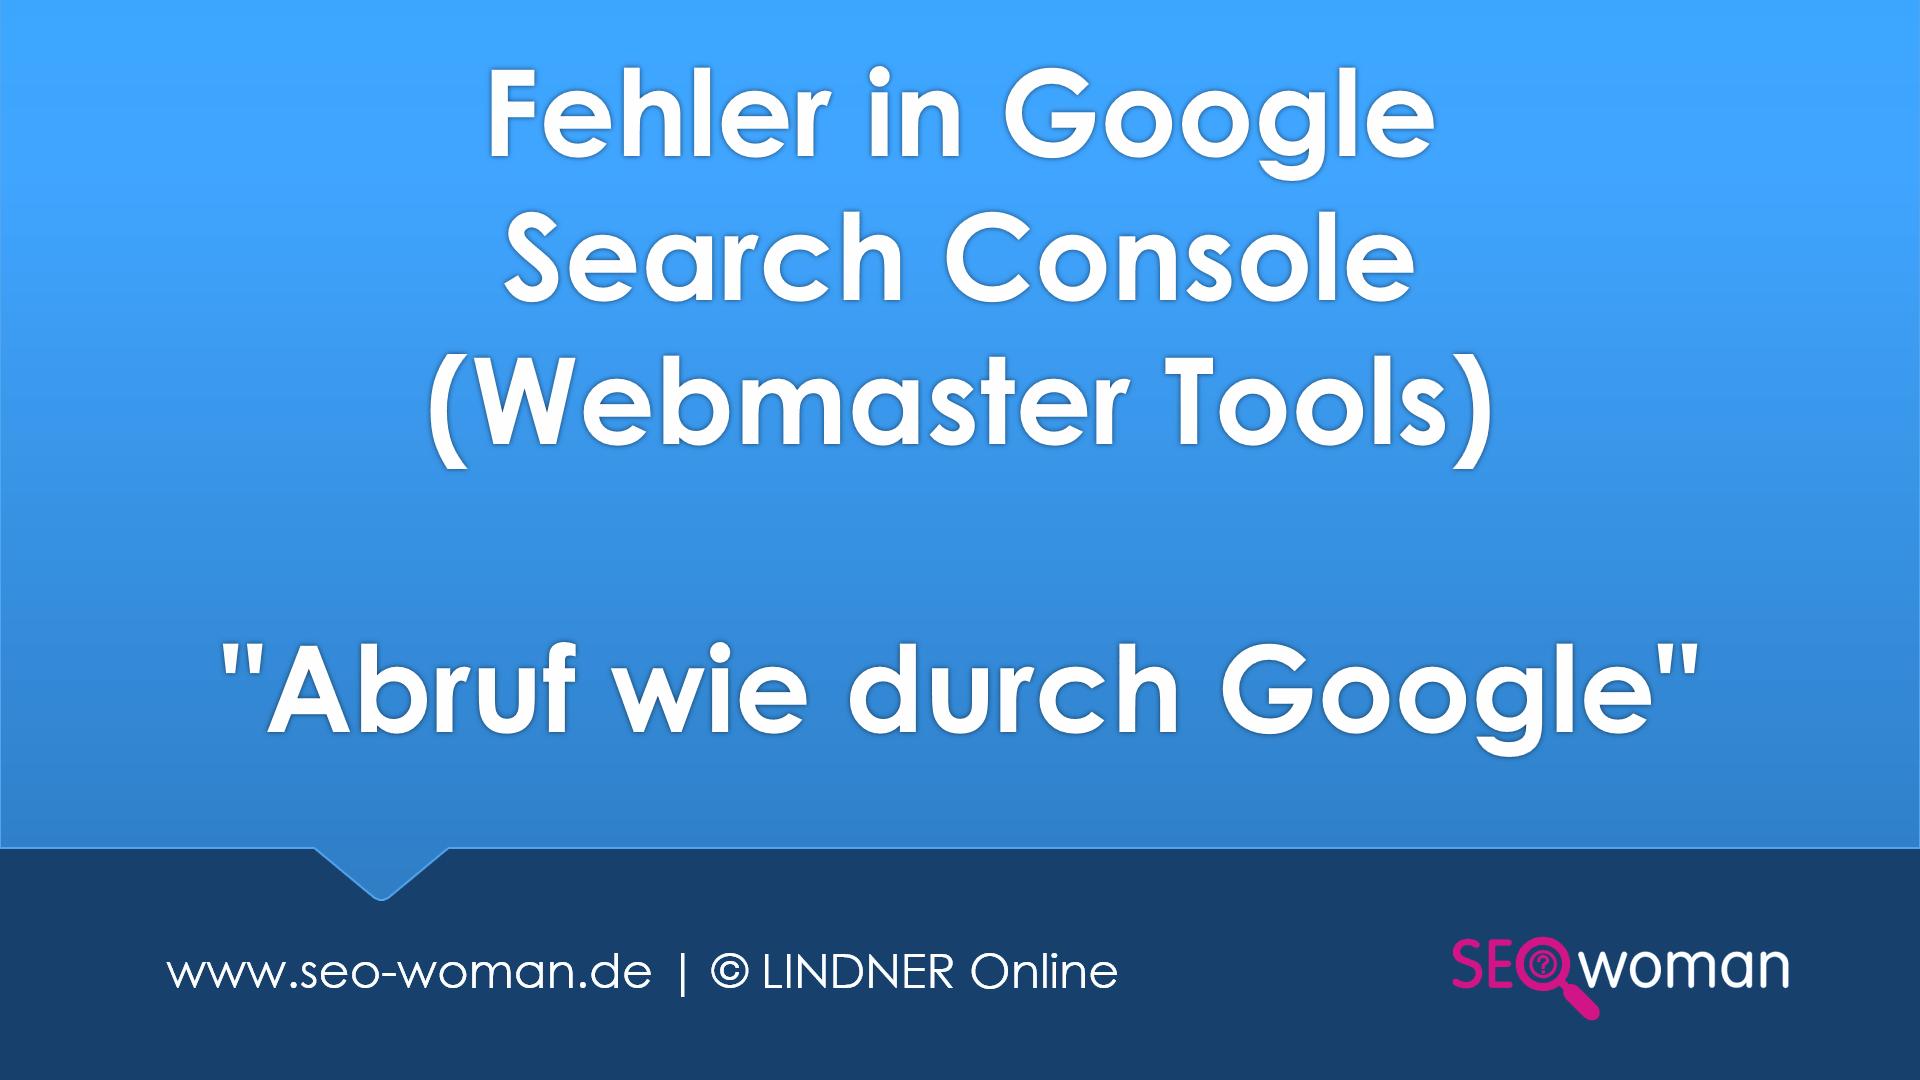 Fehler Google Webmaster Toosl: Abruf wie durch Google